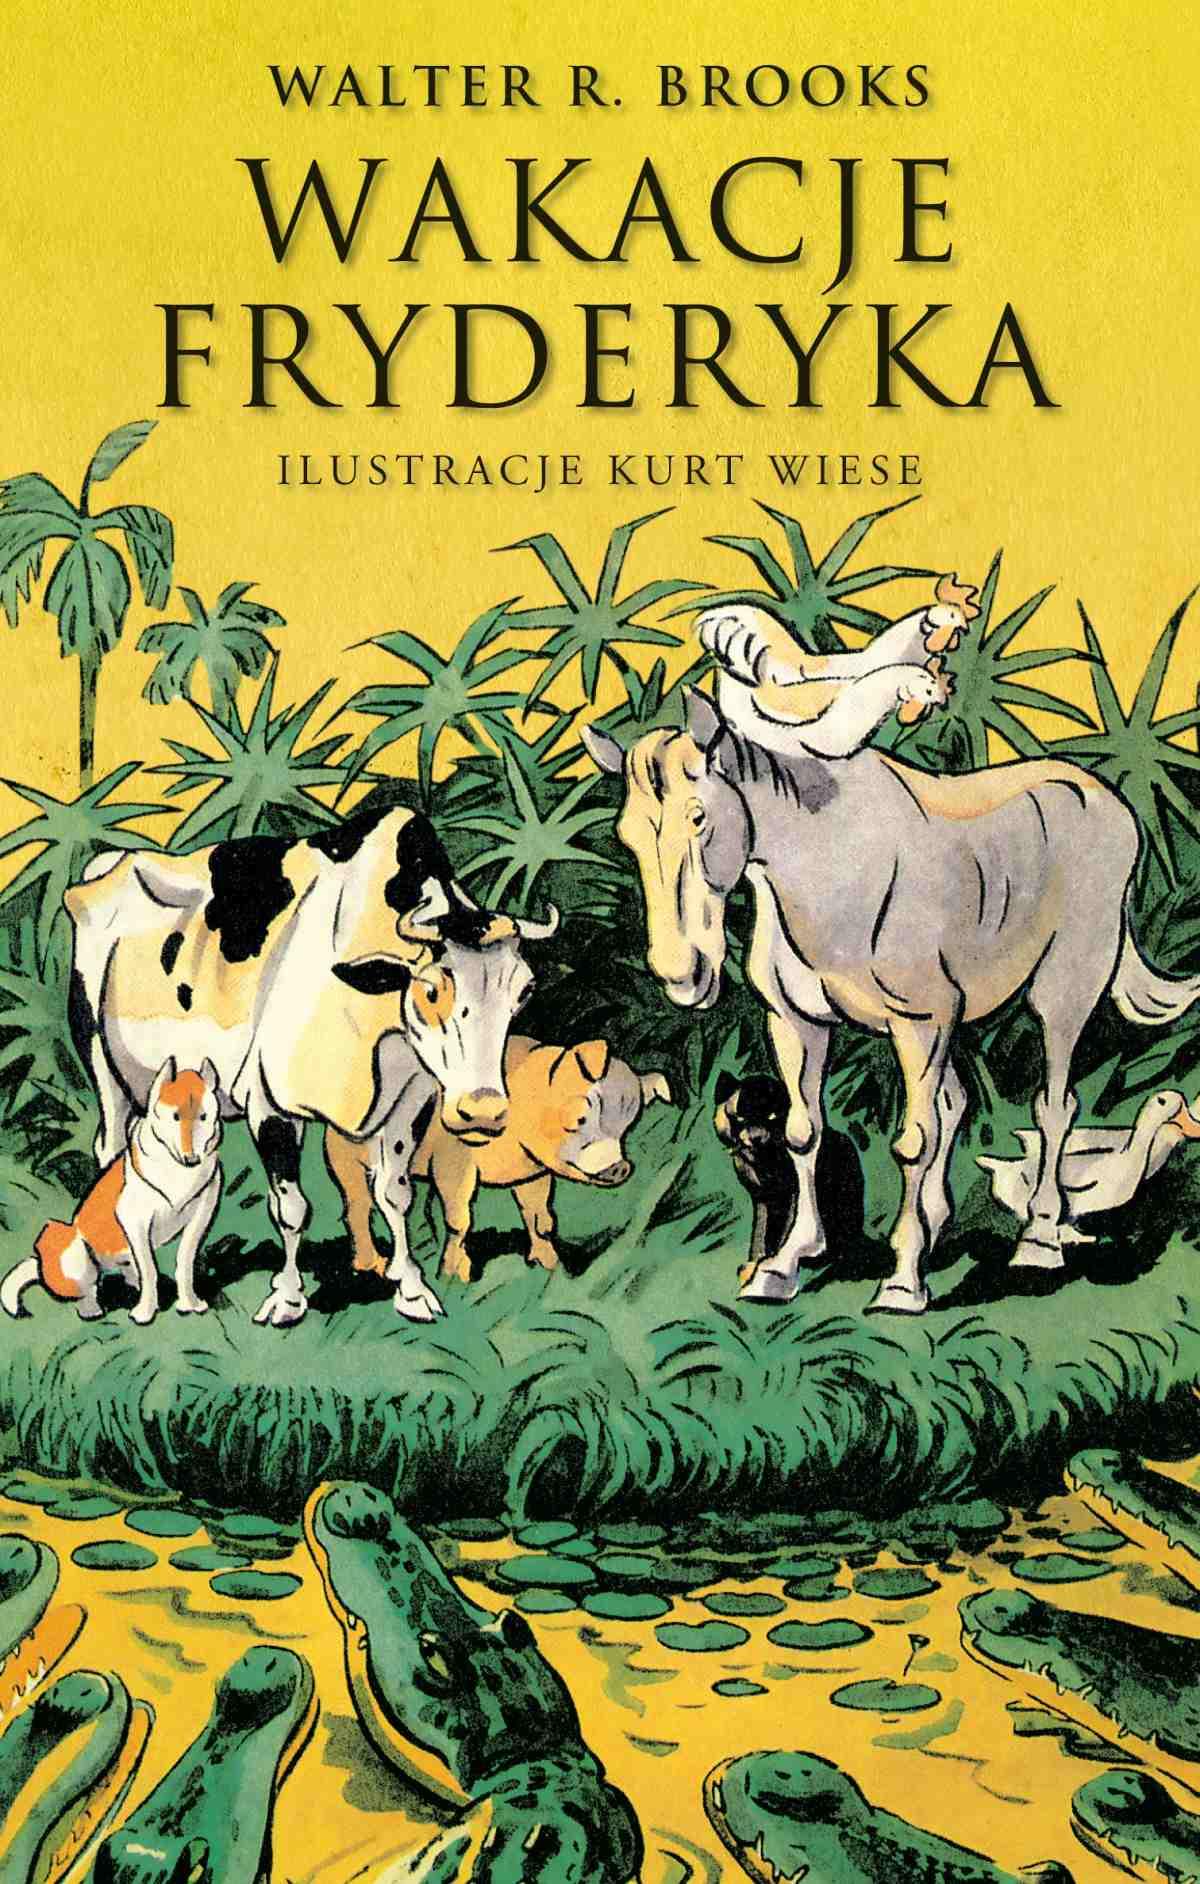 Wakacje Fryderyka - Ebook (Książka na Kindle) do pobrania w formacie MOBI